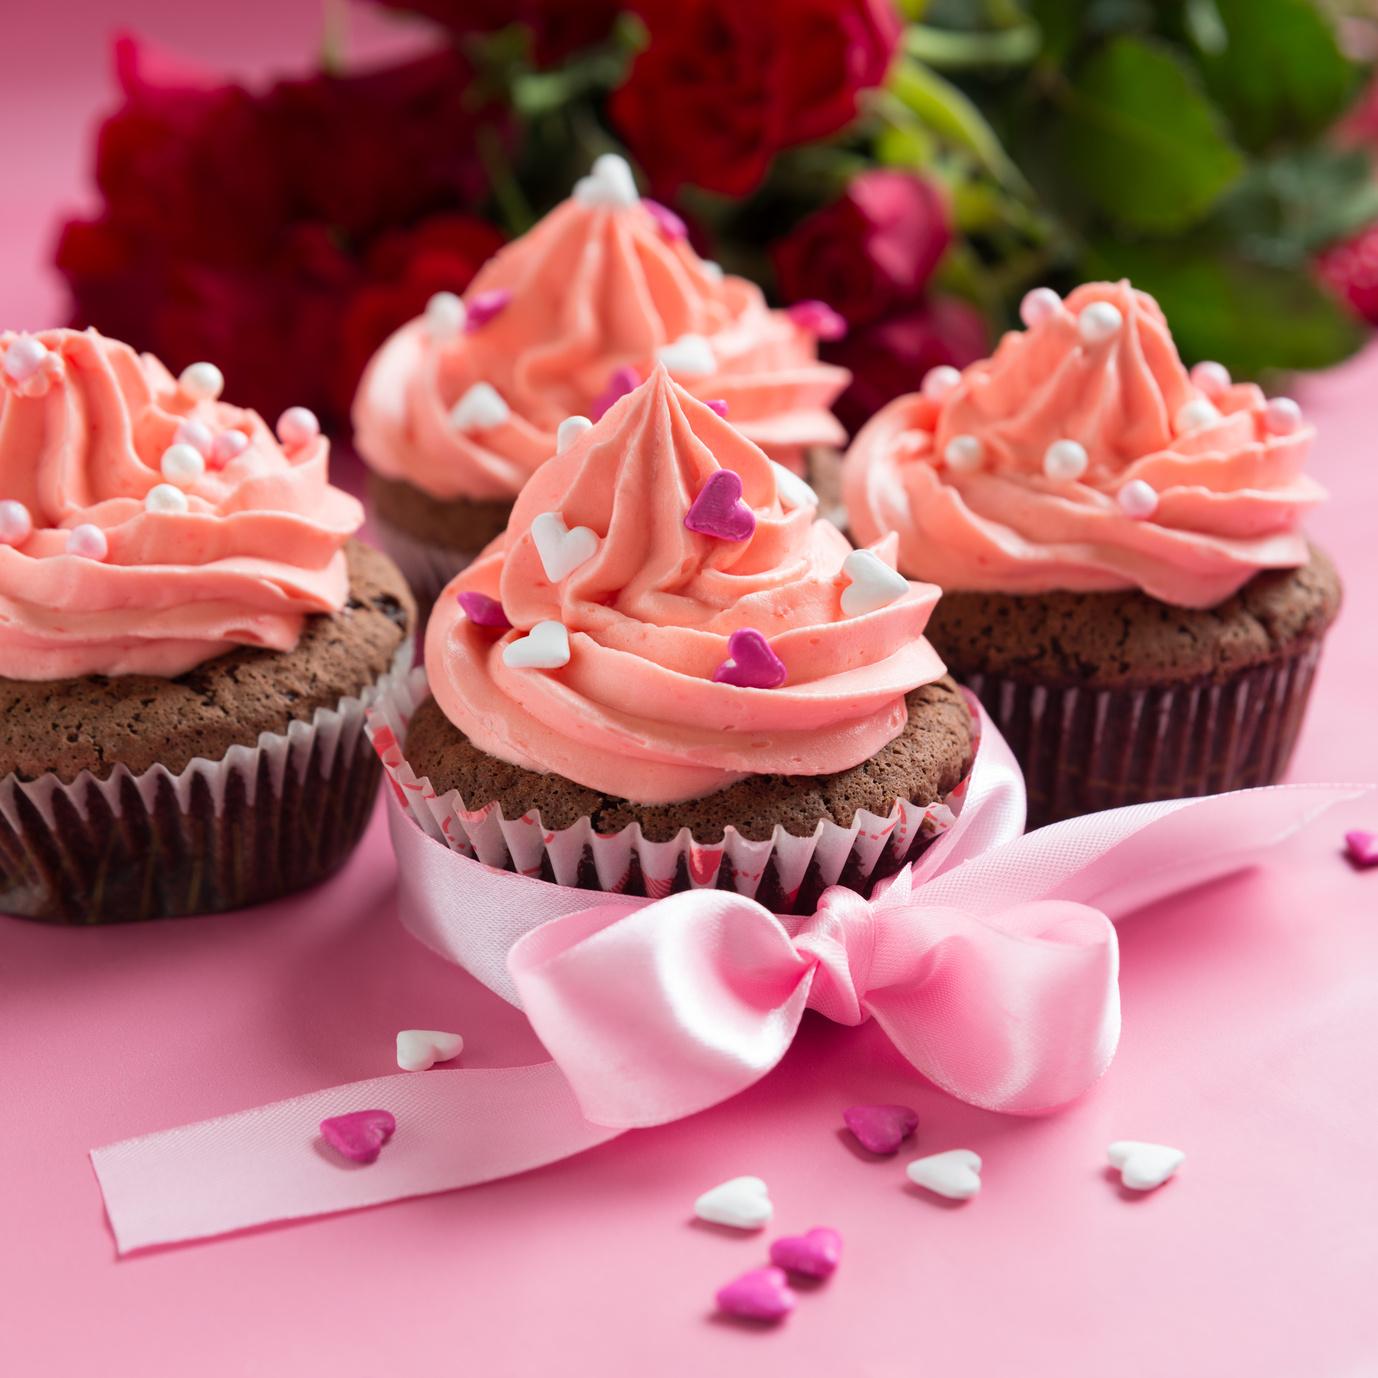 Déclarez votre flamme avec un cupcake Saint-Valentin